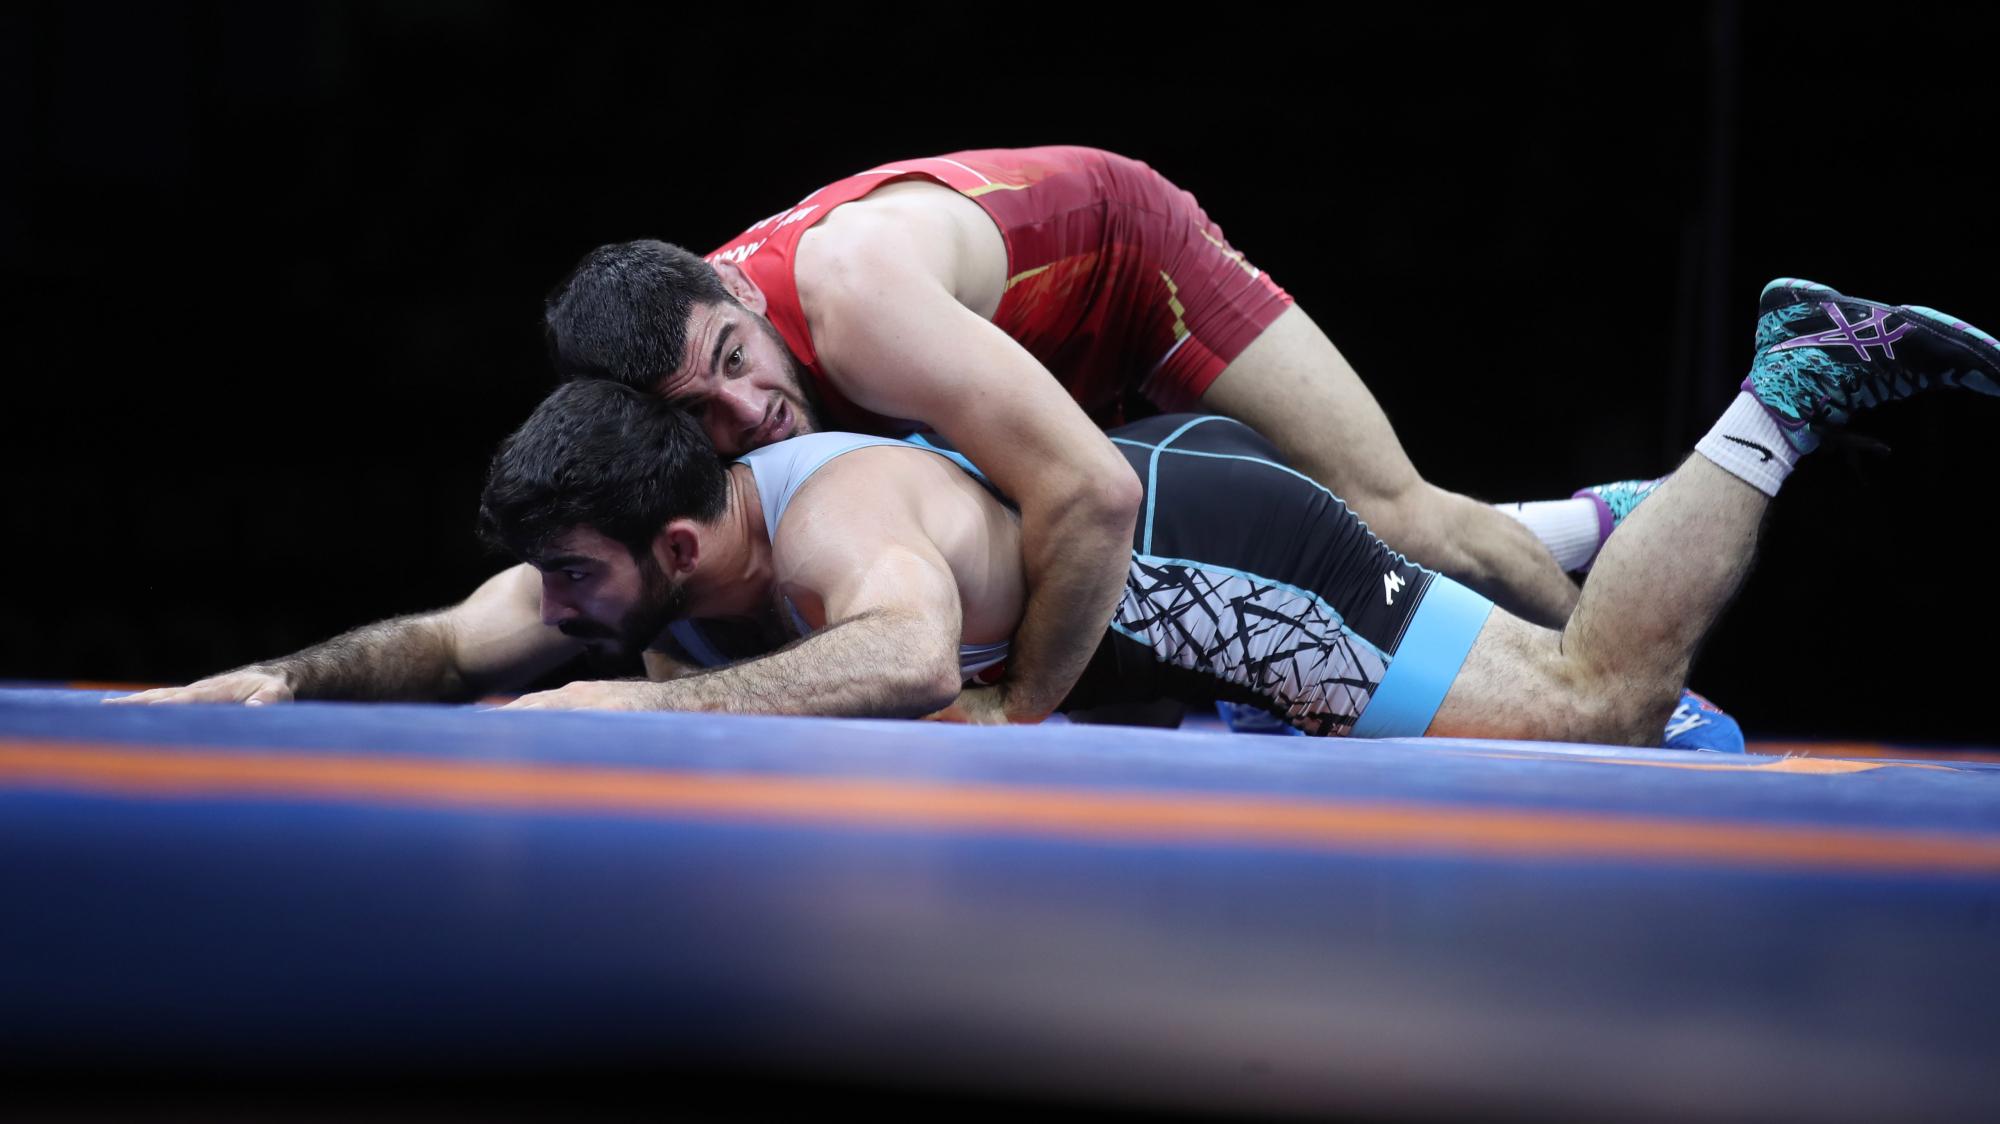 Айк Мнацаканян: Радвам се, че се състезавам за България (ВИДЕО)